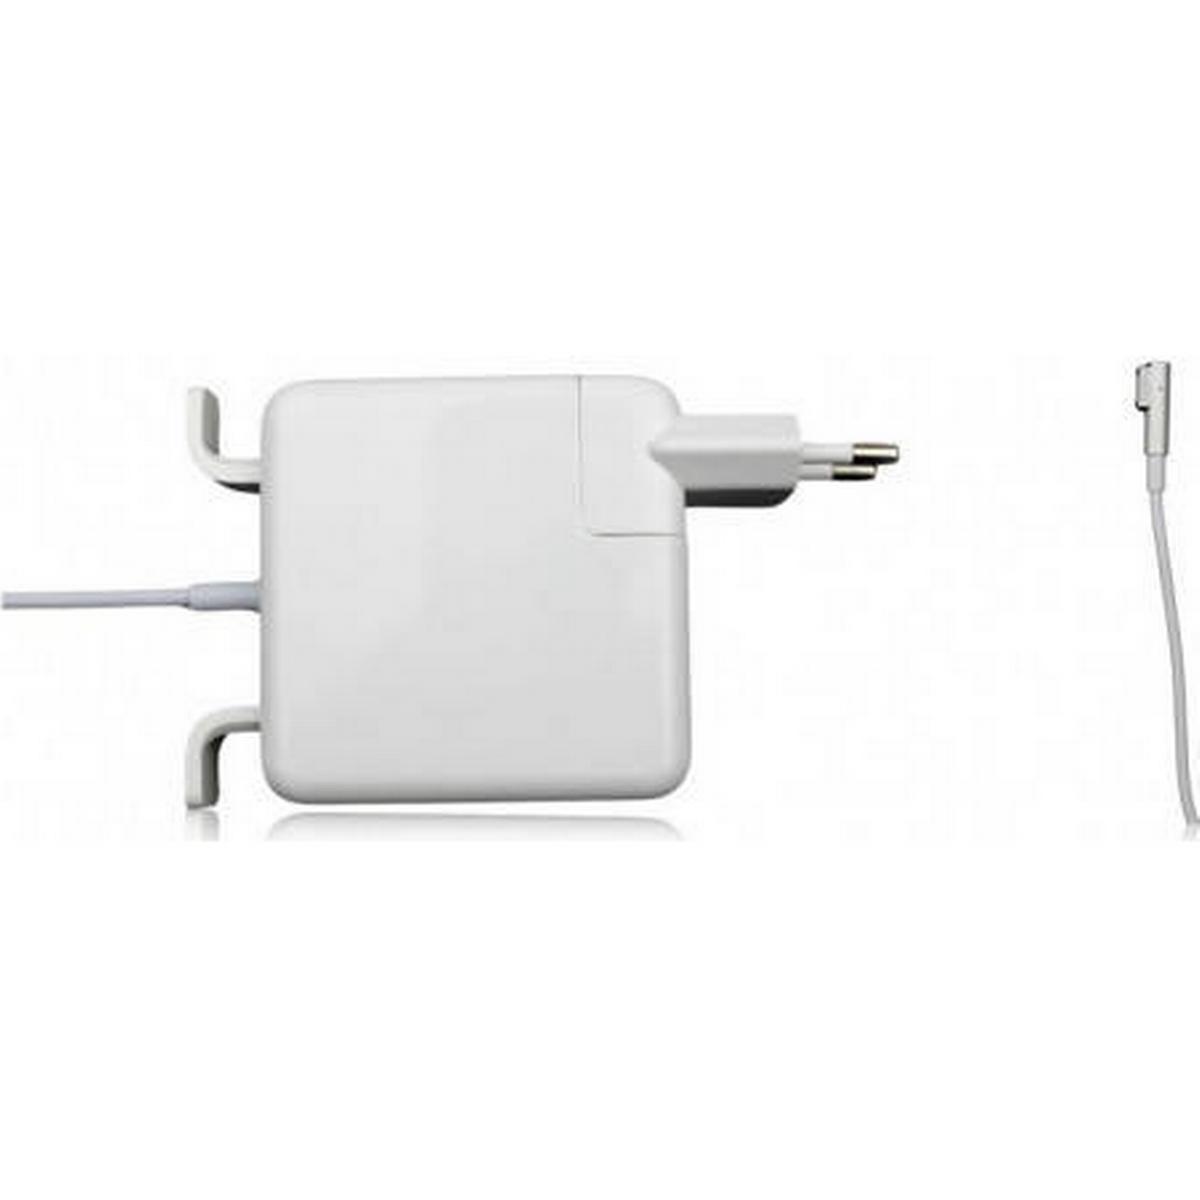 Macbook air oplader 45w • Find billigste pris hos